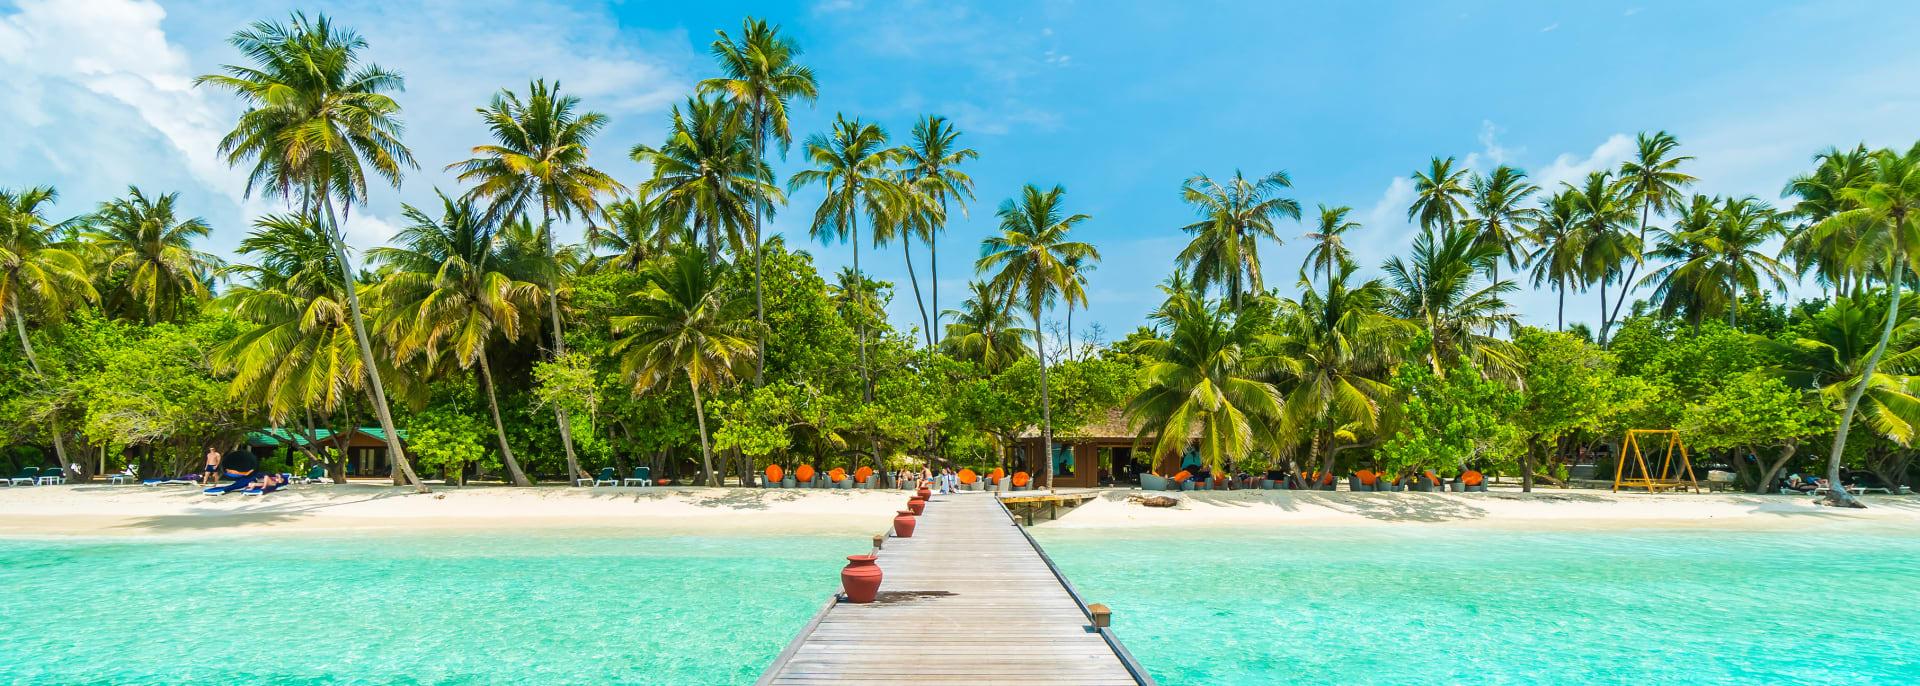 Thaa Atoll, Malediven